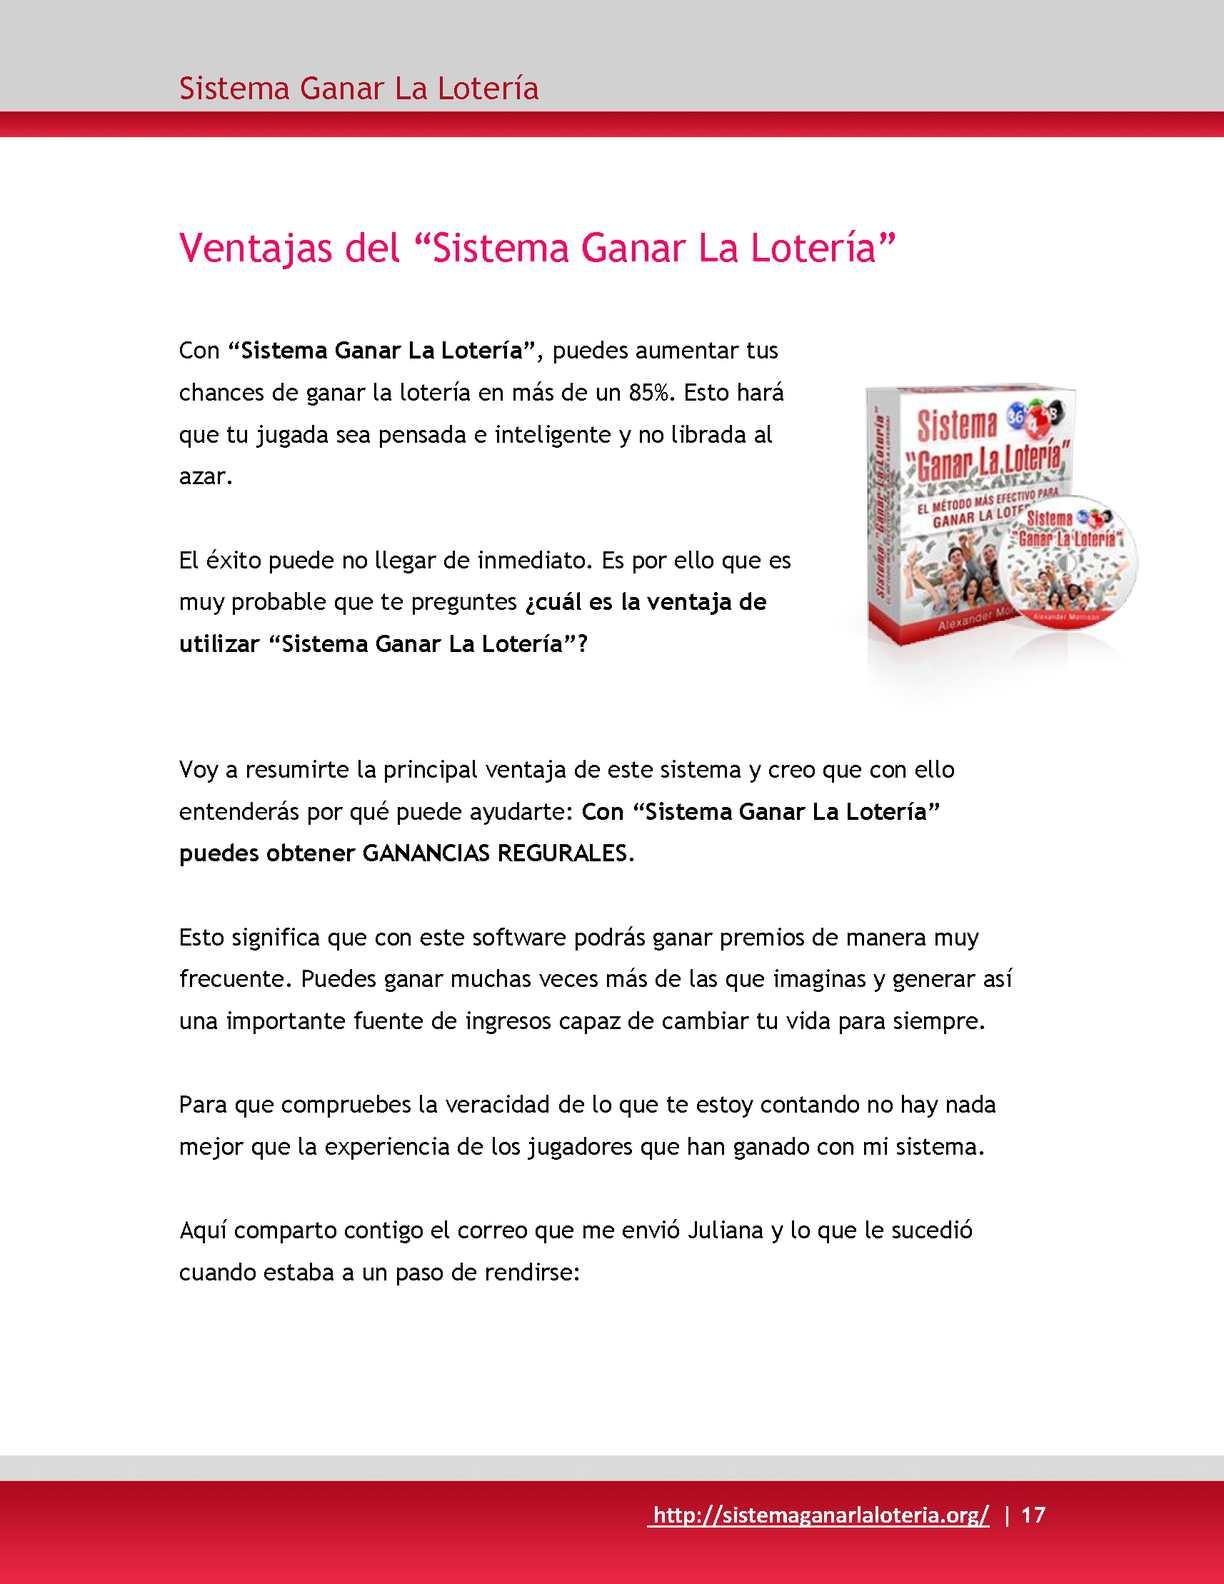 Podrás Ganar La Lotería – Cataloguing